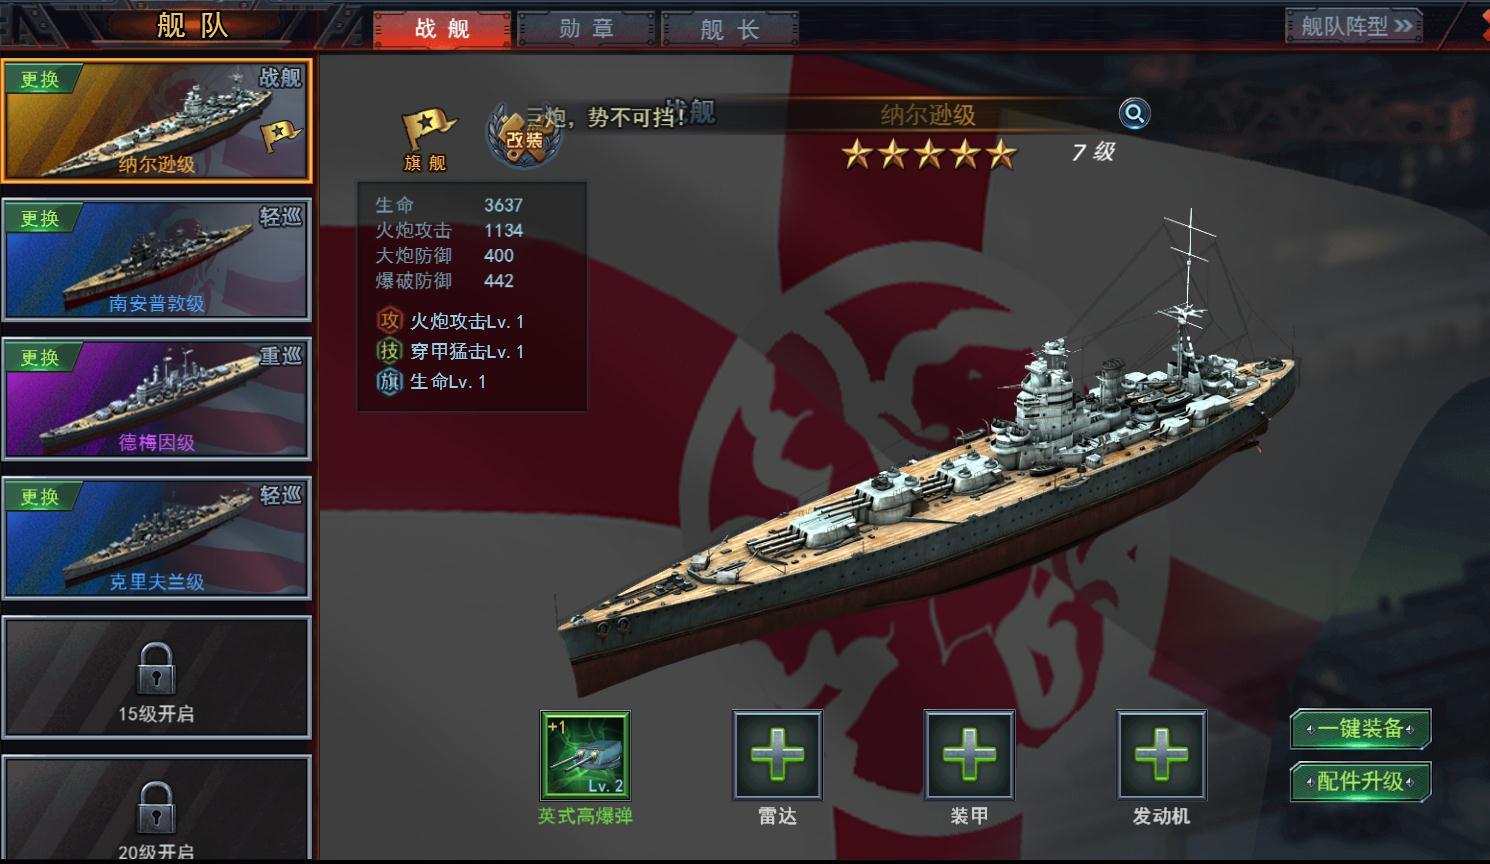 《传奇海战》游戏截图